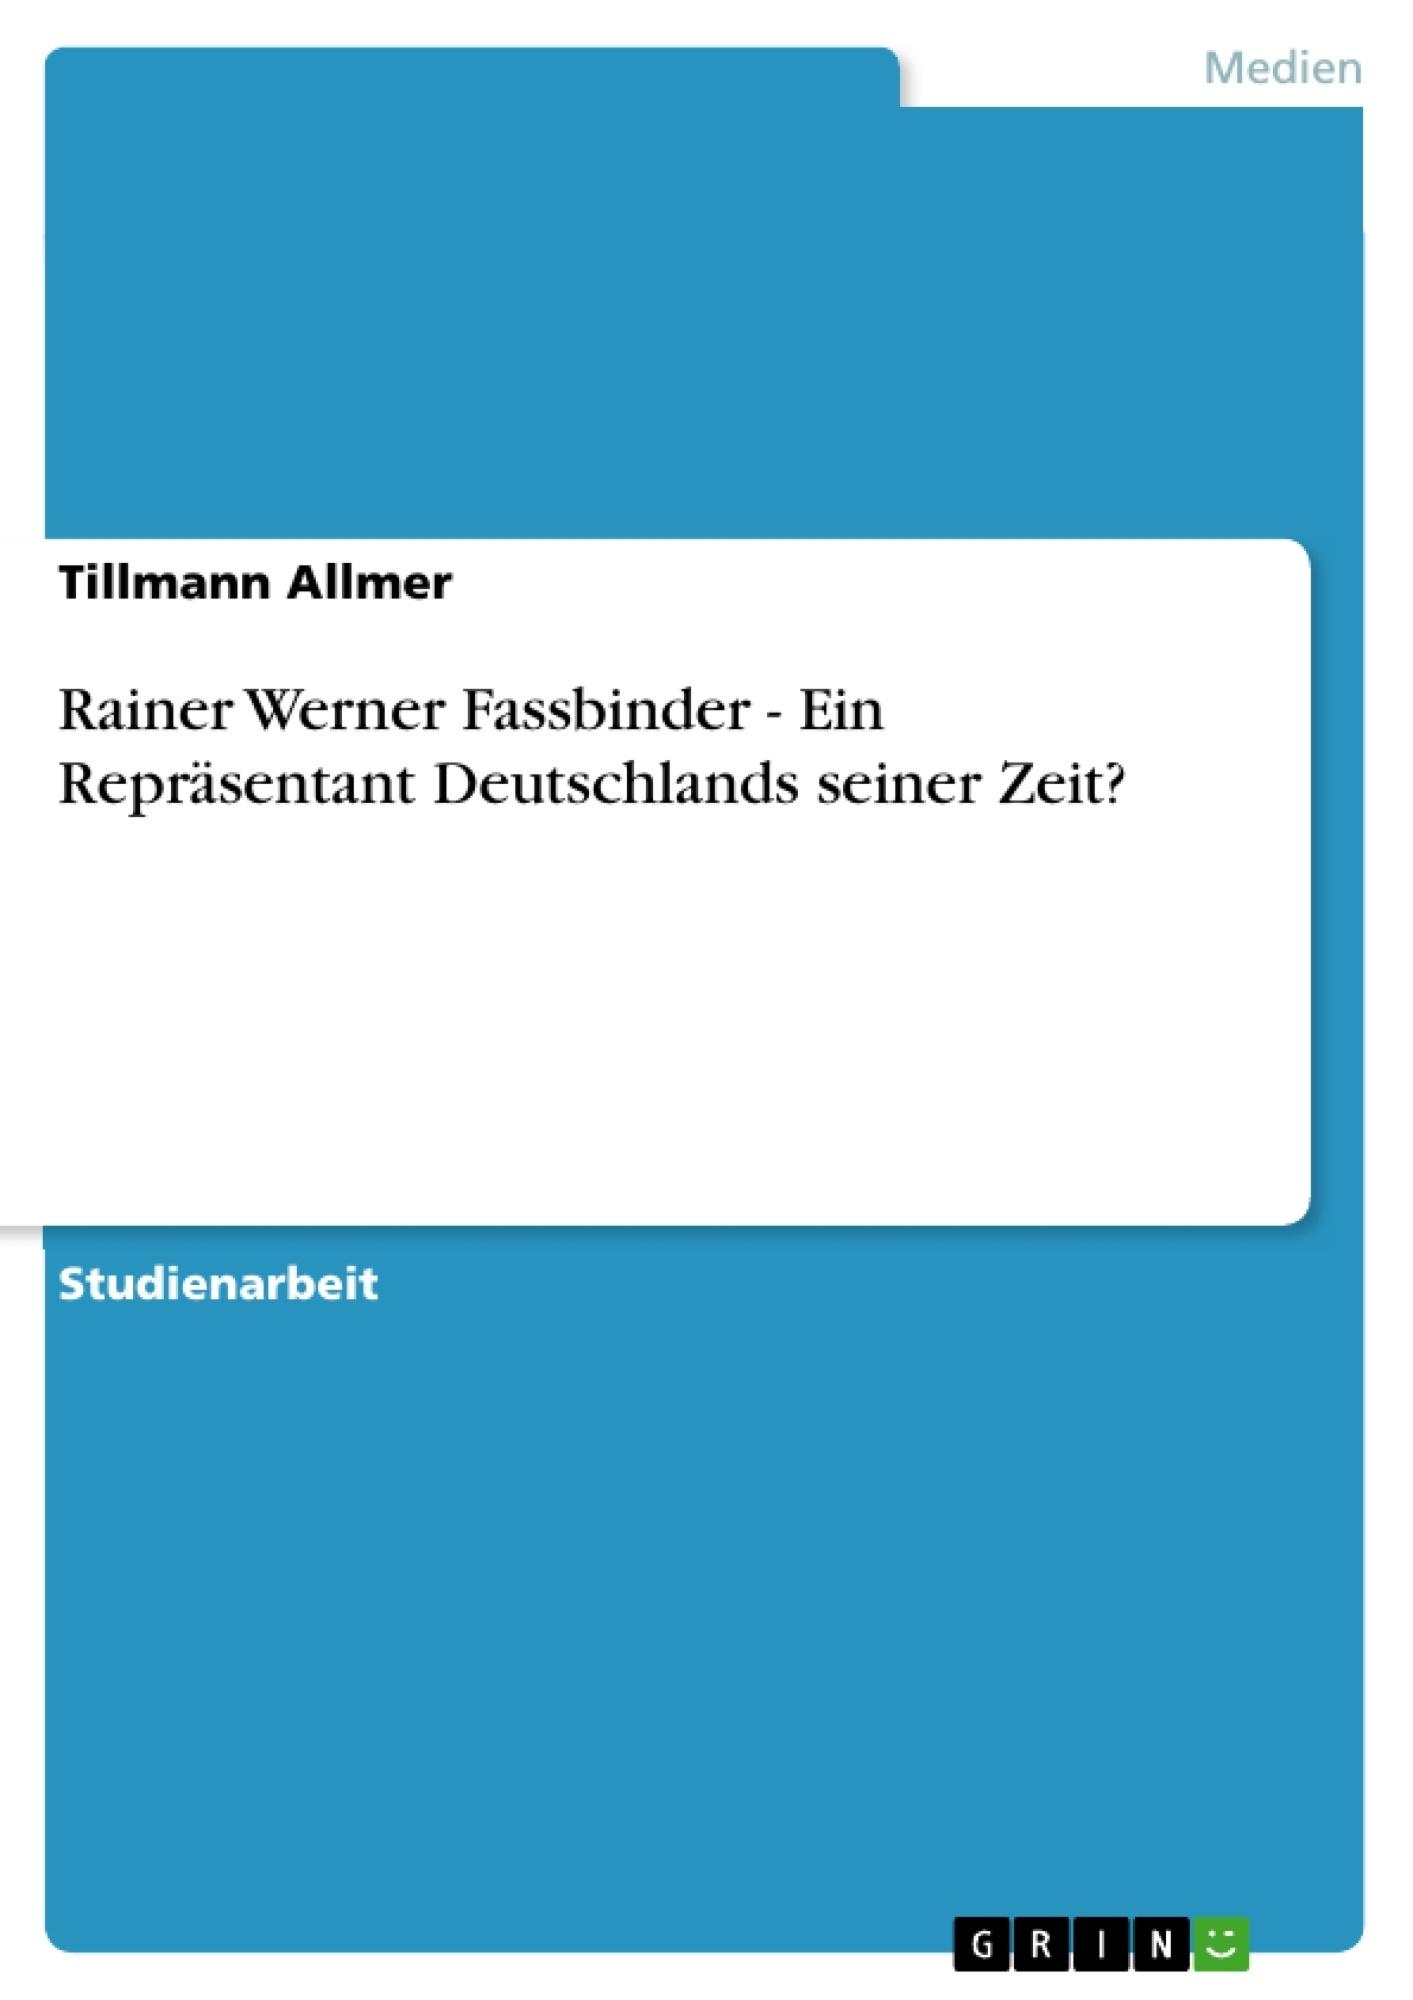 Titel: Rainer Werner Fassbinder - Ein Repräsentant Deutschlands seiner Zeit?